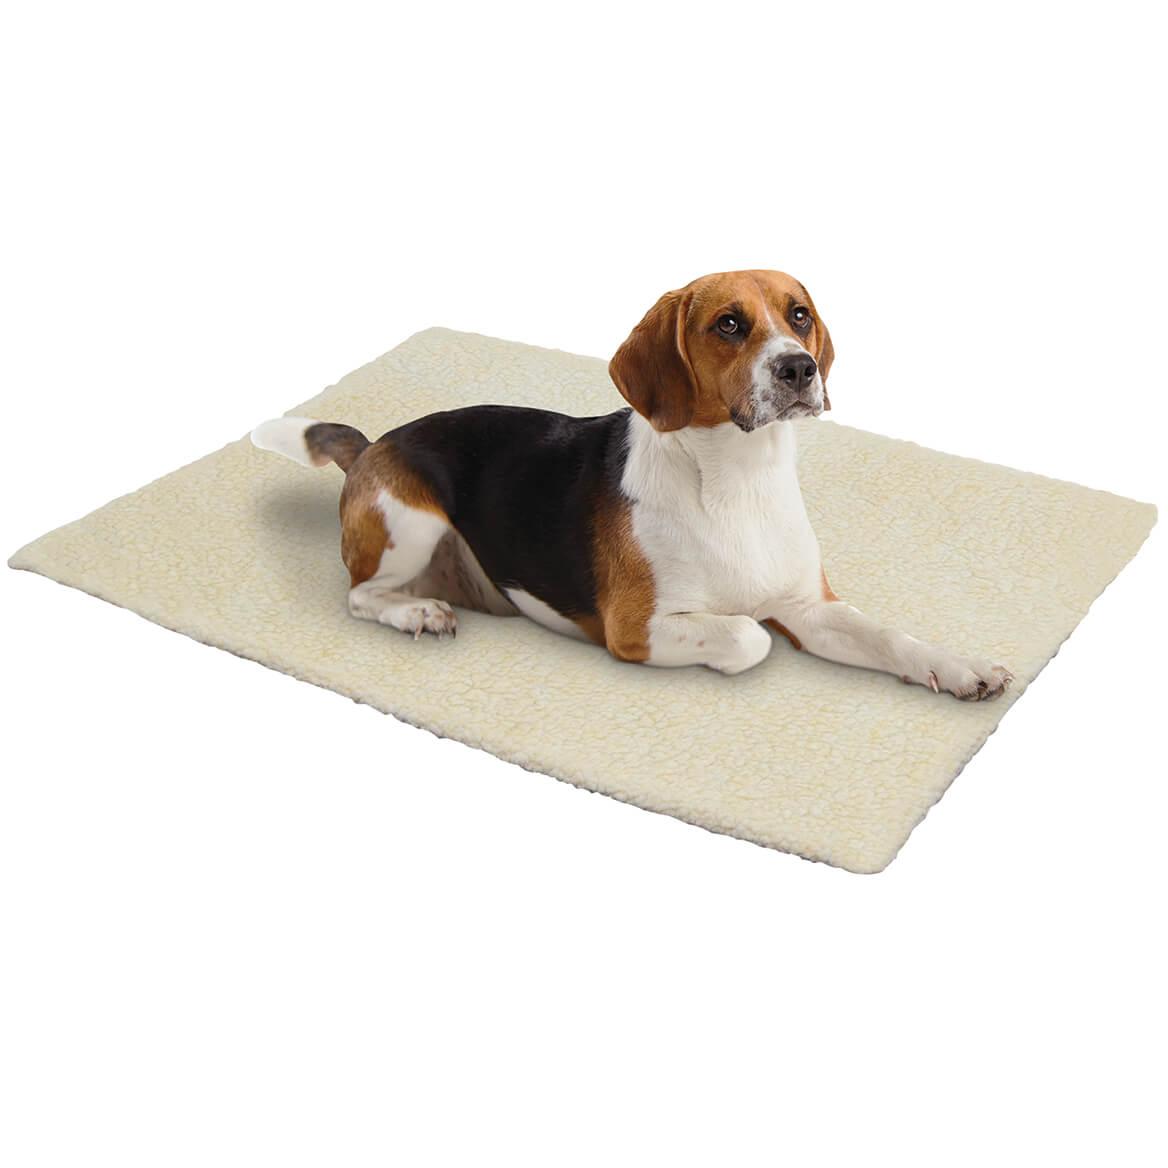 Self-Warming Pet Blanket-351663